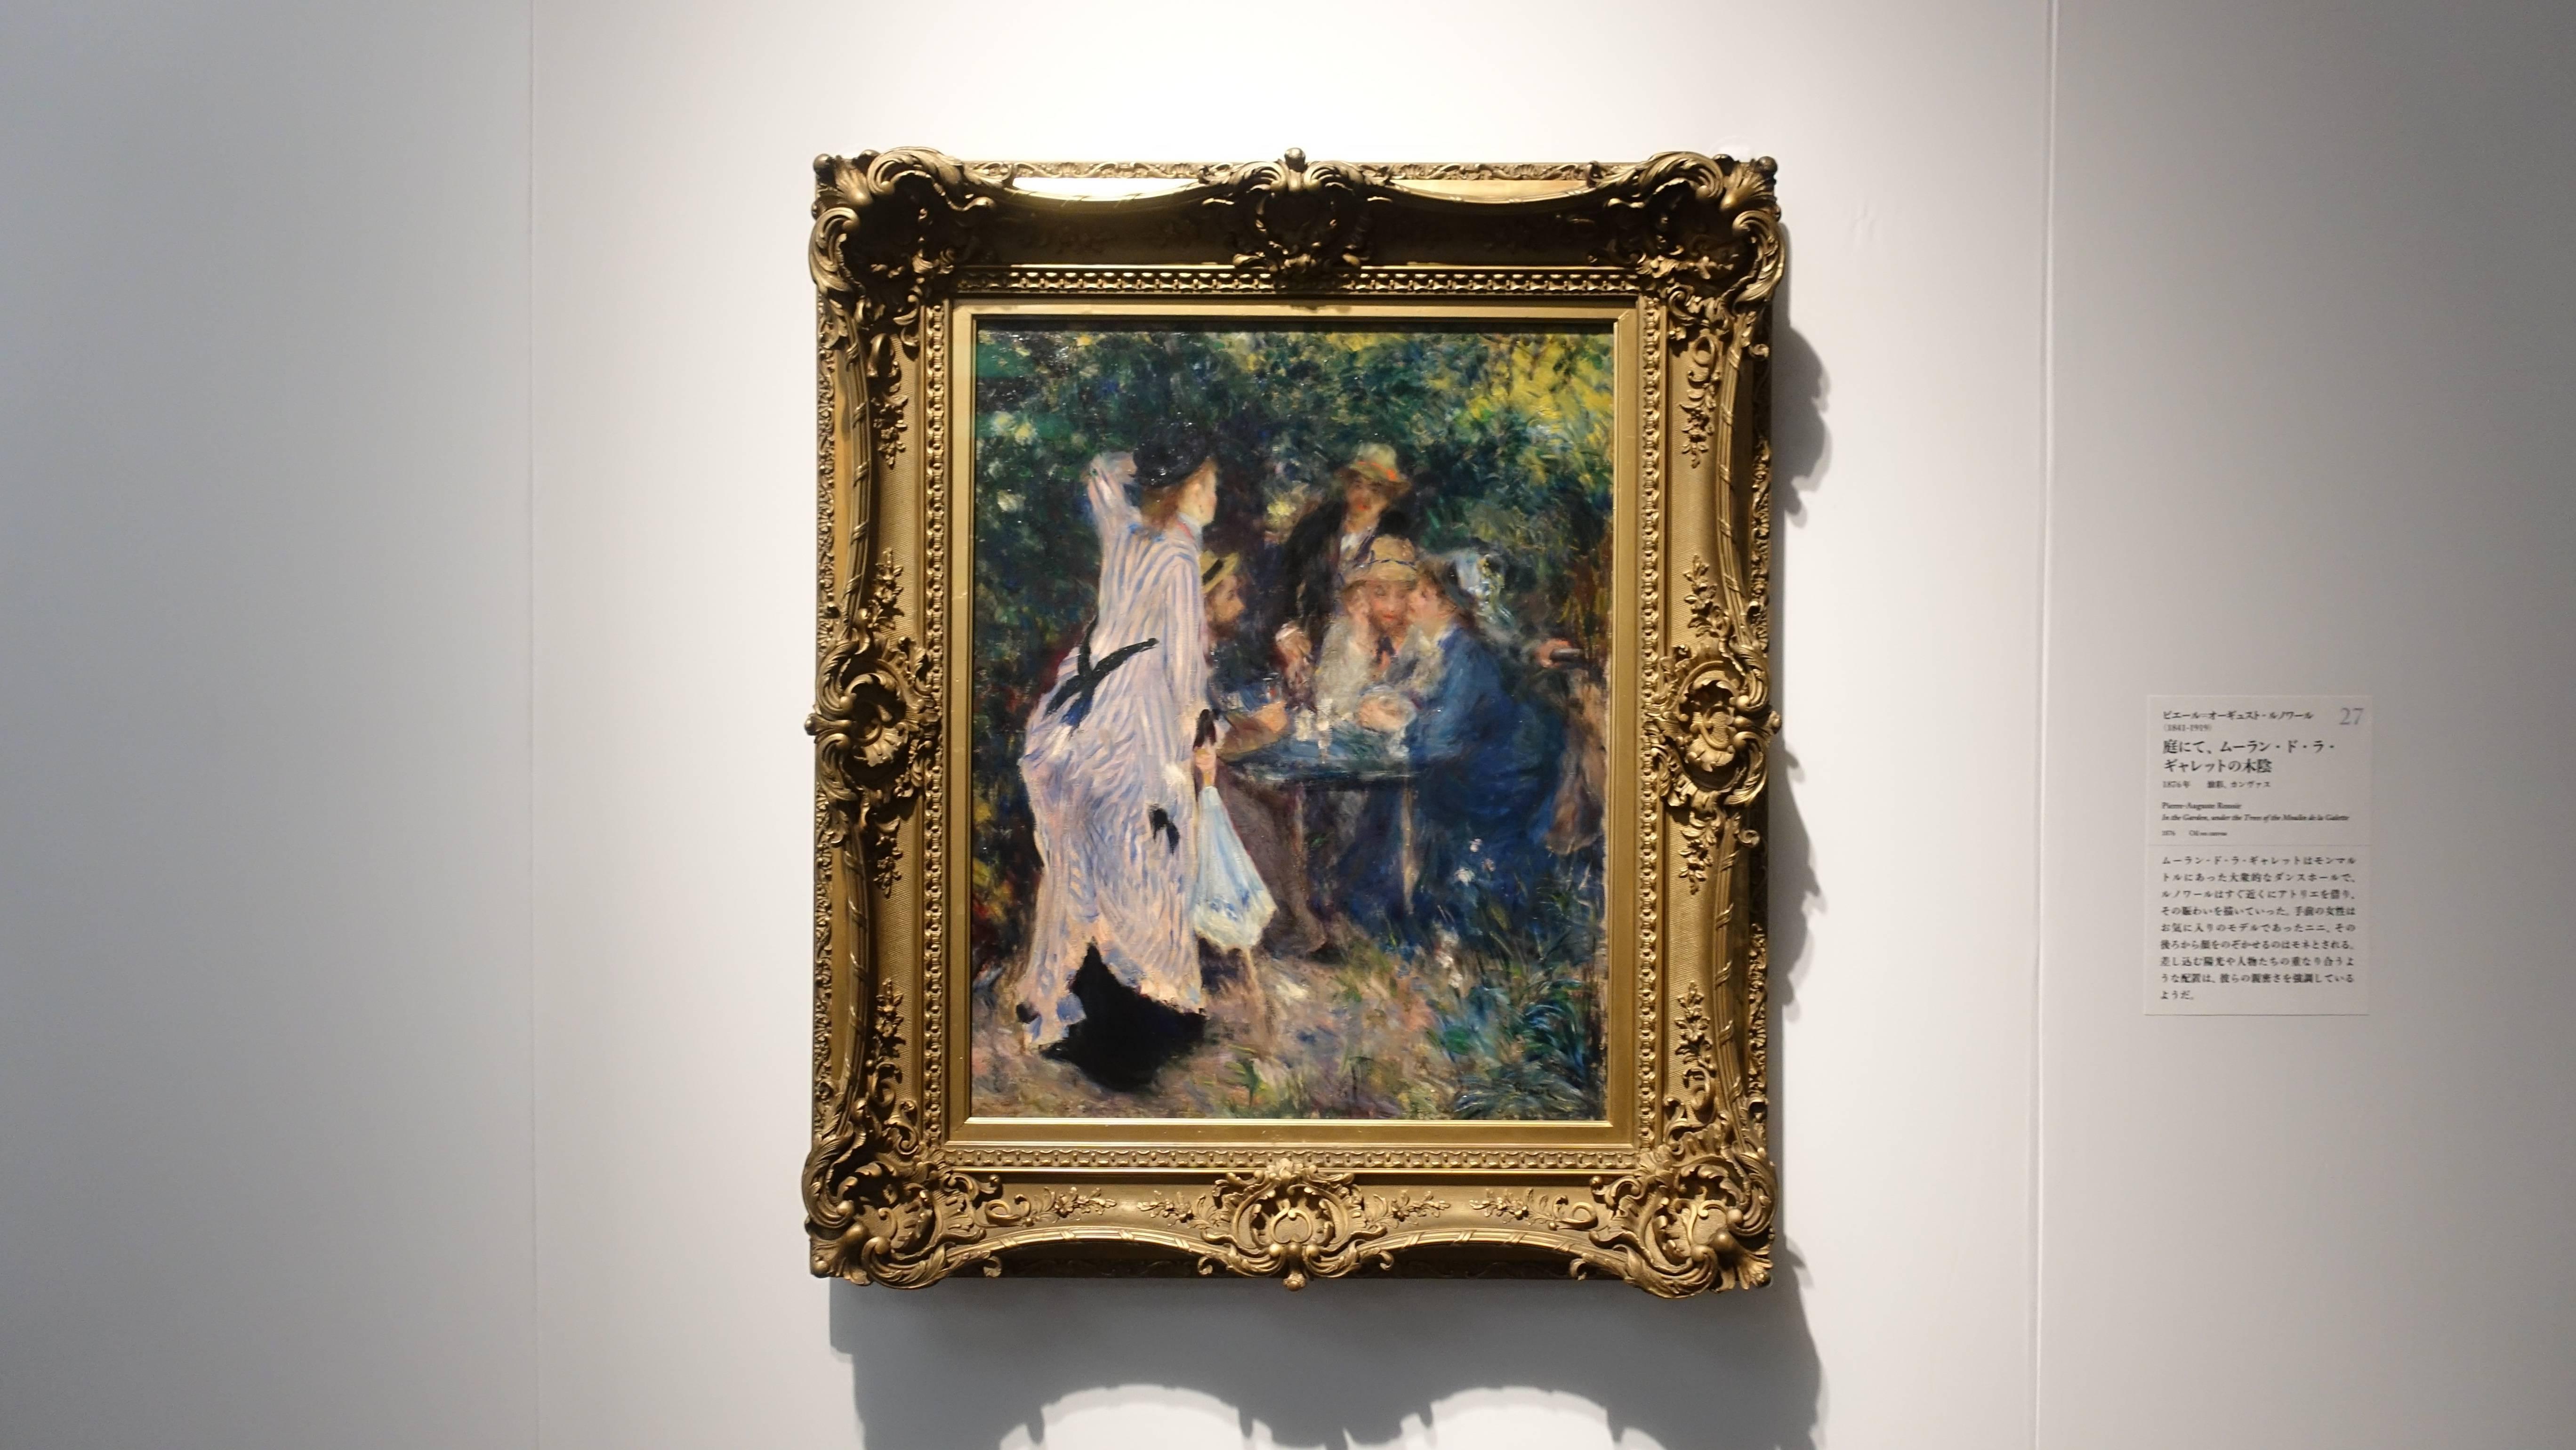 皮耶-奧古斯特•雷諾瓦Pierre-Auguste Renoir ,《煎餅磨坊庭院樹下 In the Garden, Under the Trees of the Moulin de Galette》,油彩、畫布 Oil on canvas,1876。